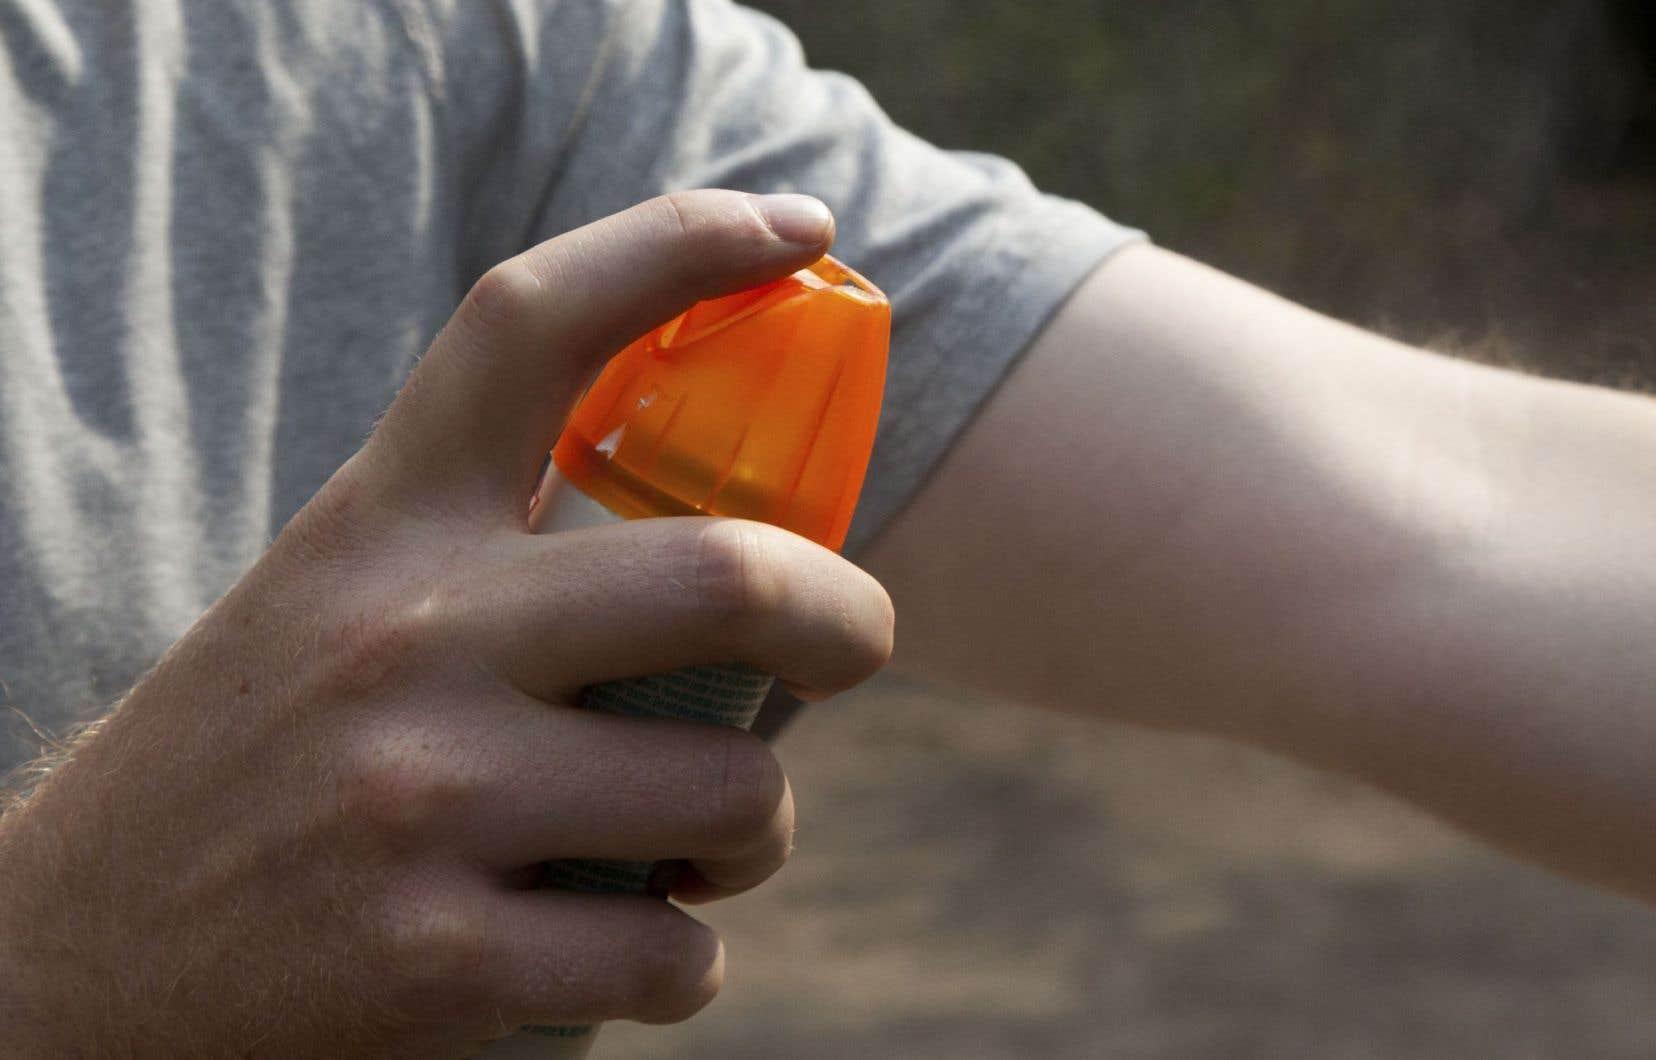 À partir du 31 décembre, tous devront se rabattre sur les produits à base de DEET pour éloigner les moustiques.